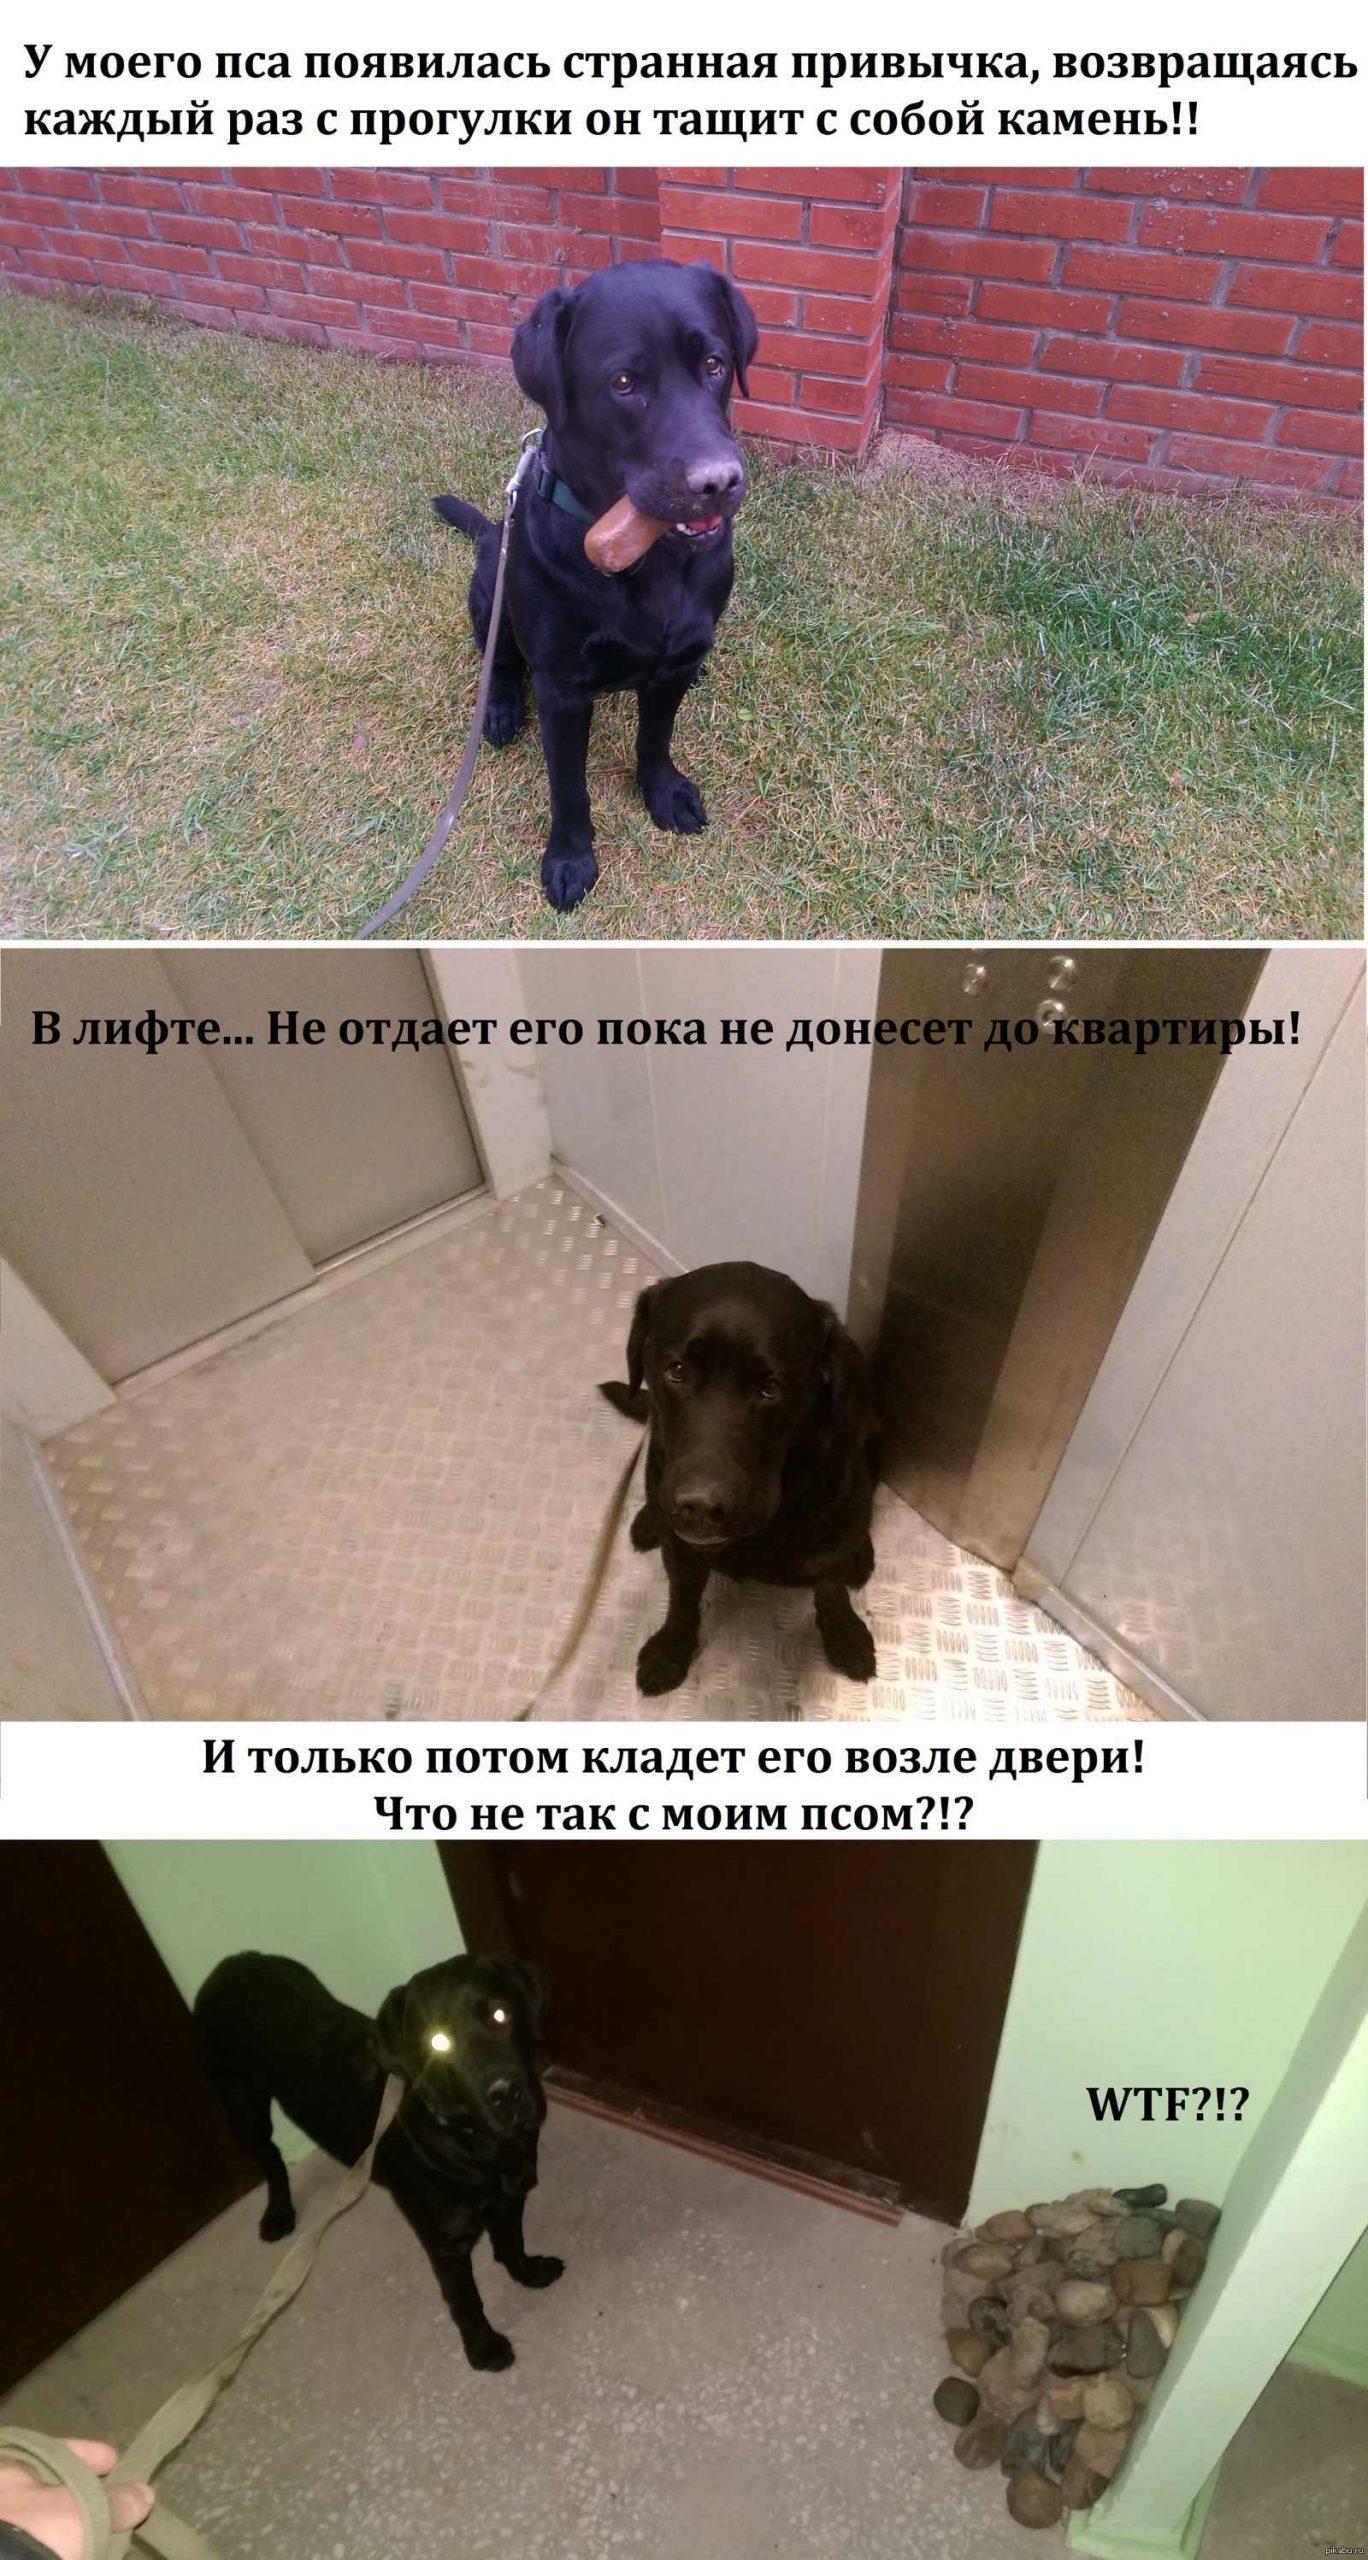 Прикольные картинки собак на прогулке 09